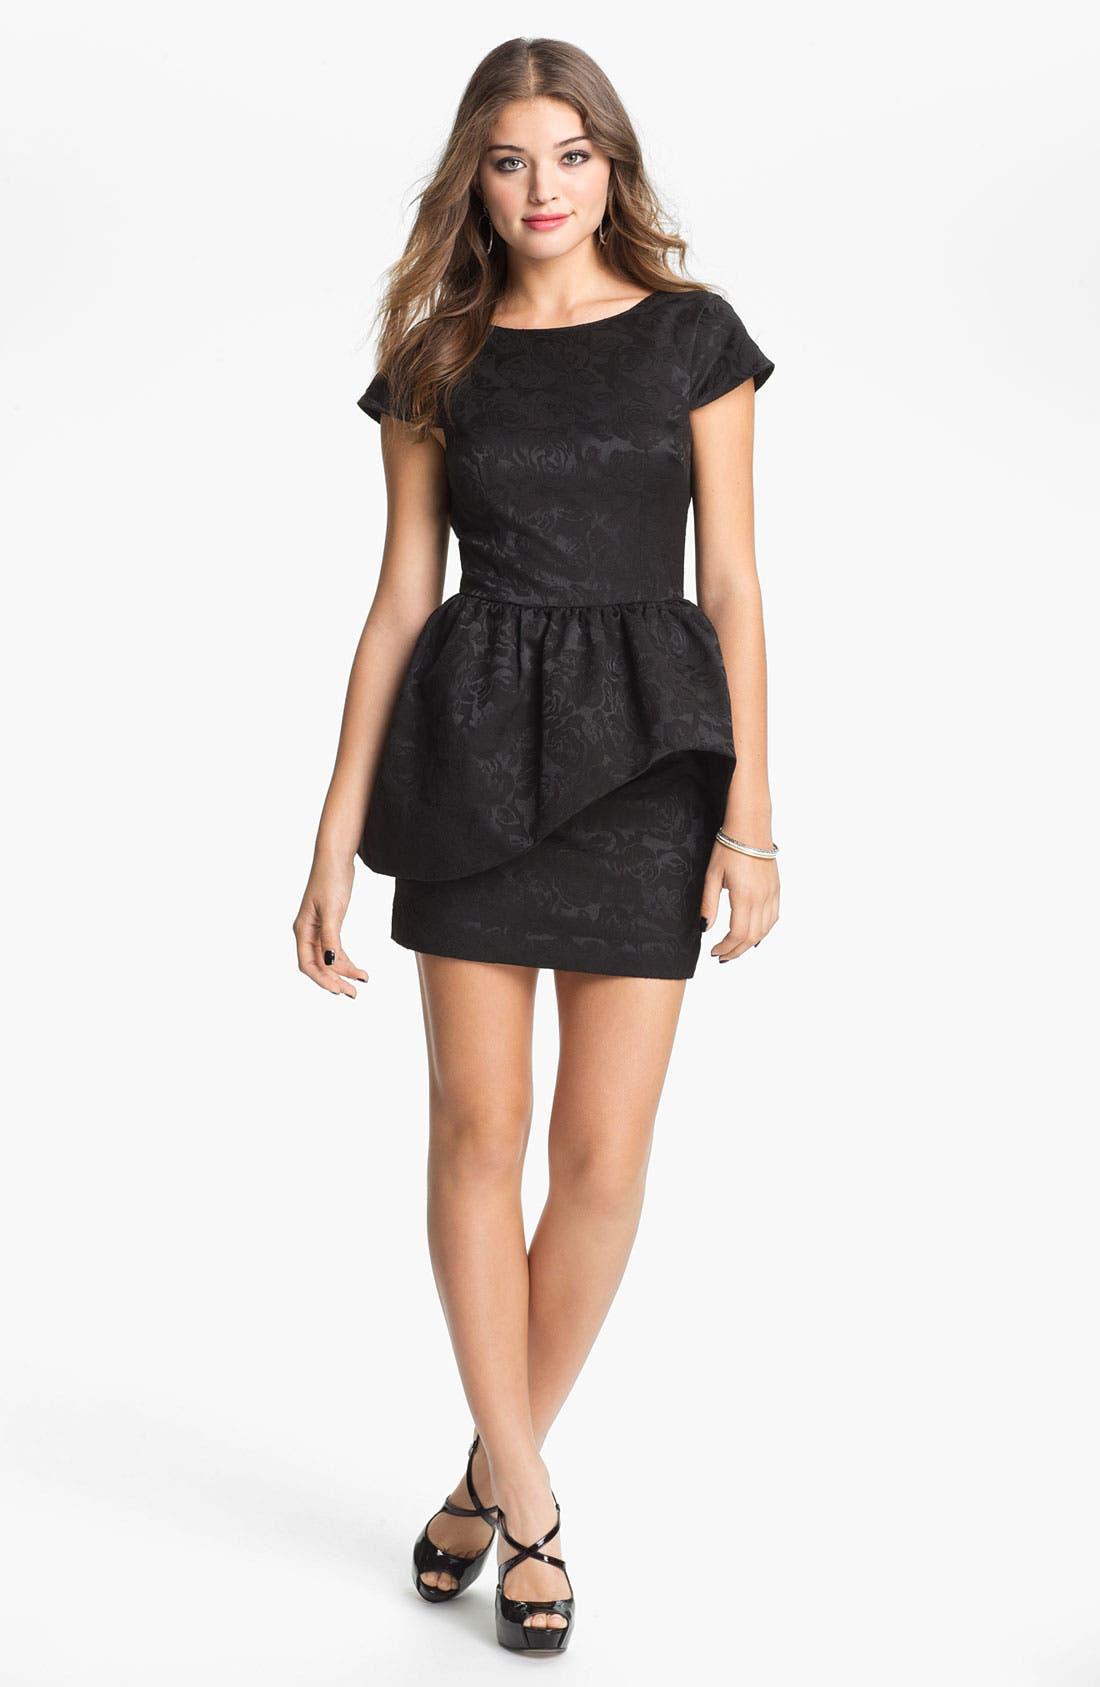 Main Image - Keepsake the Label 'Shake It Out' Peplum Dress